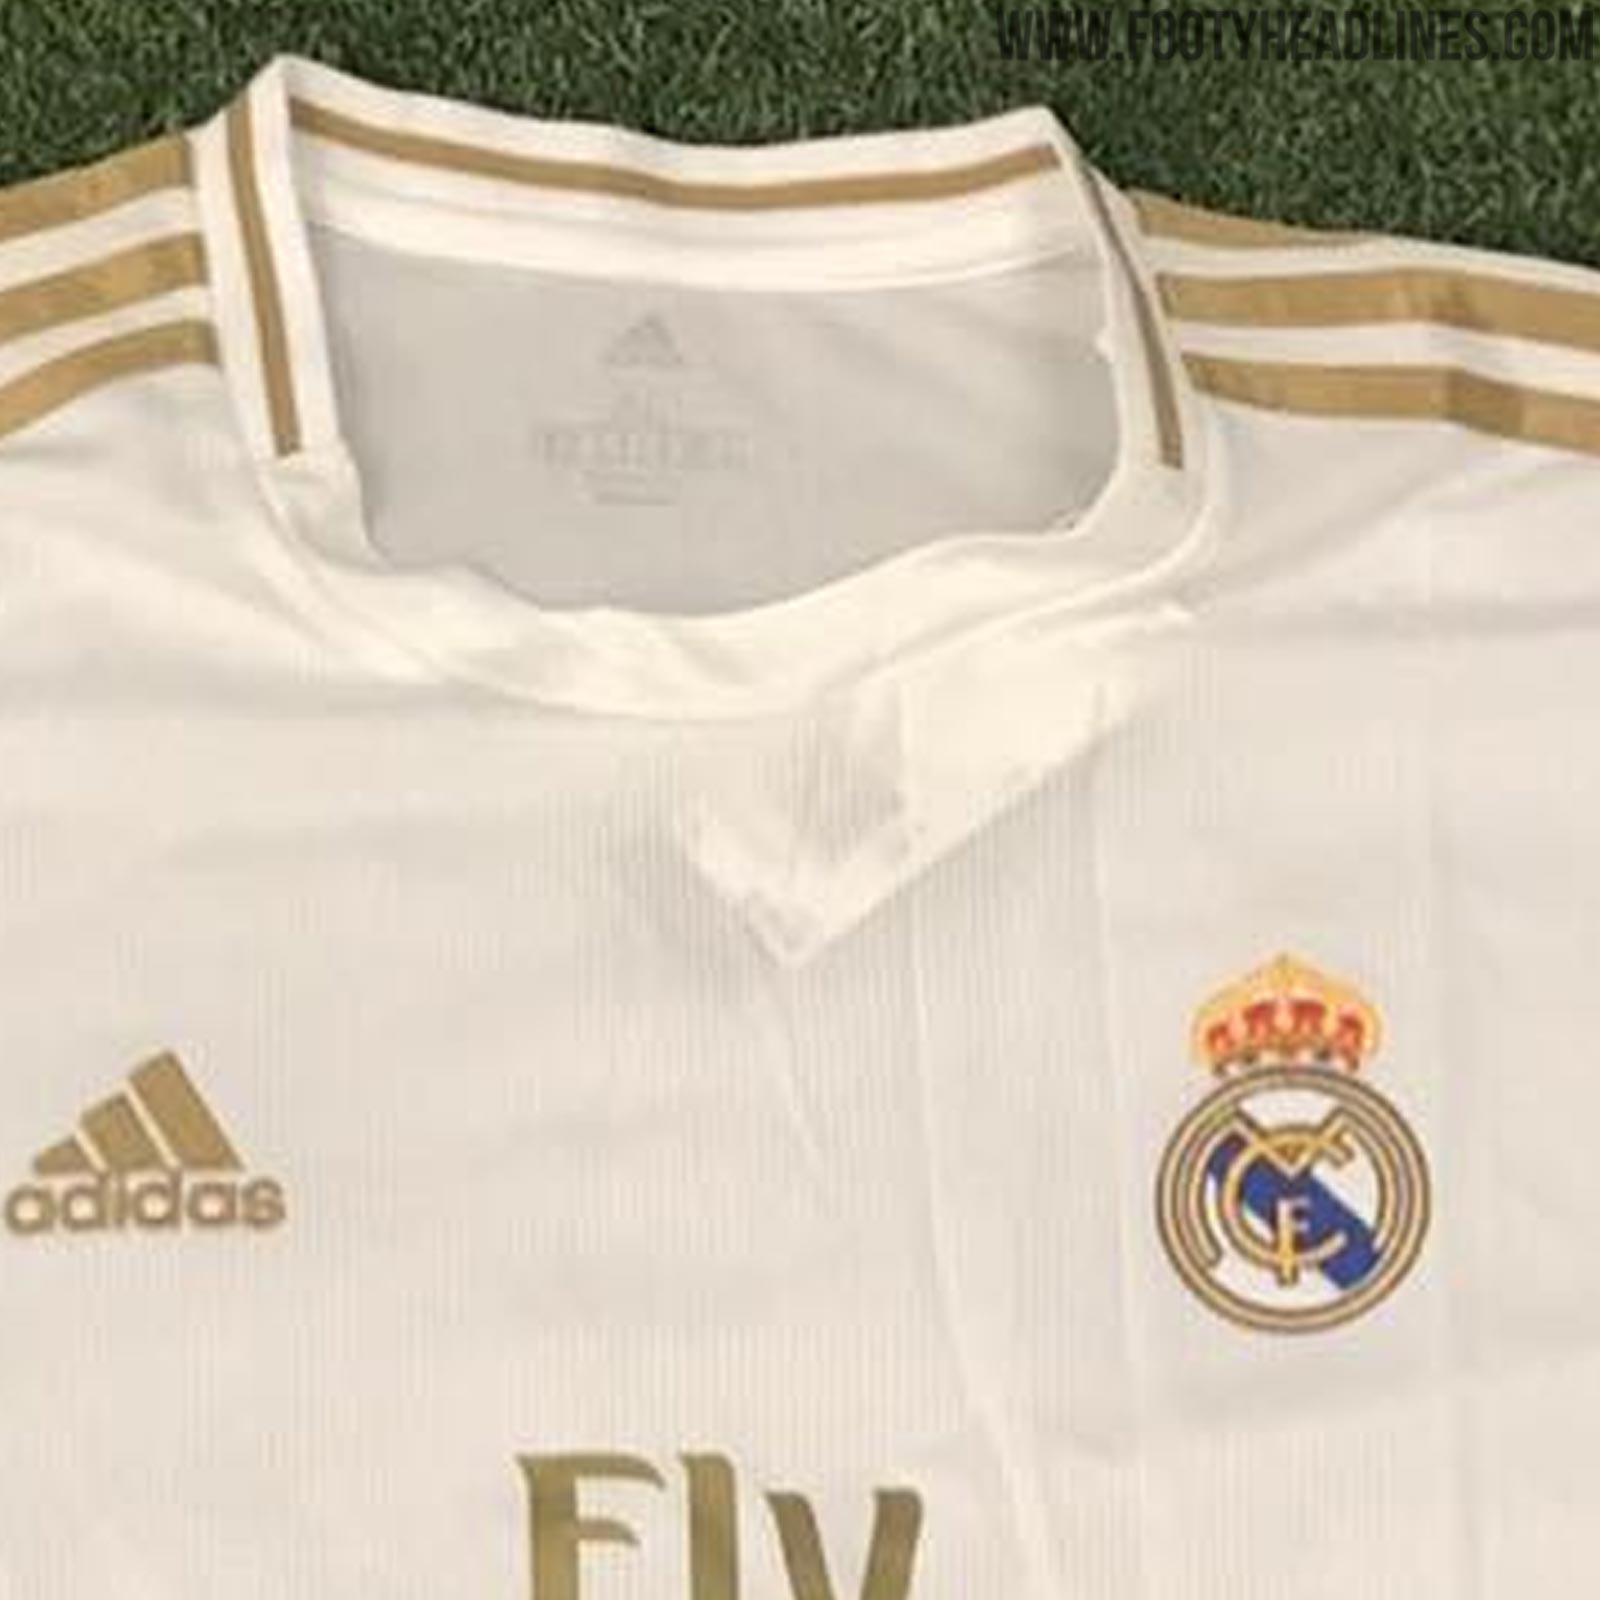 b7f819fa5 Domowa koszulka Realu Madryt na nowy sezon [FOTO]